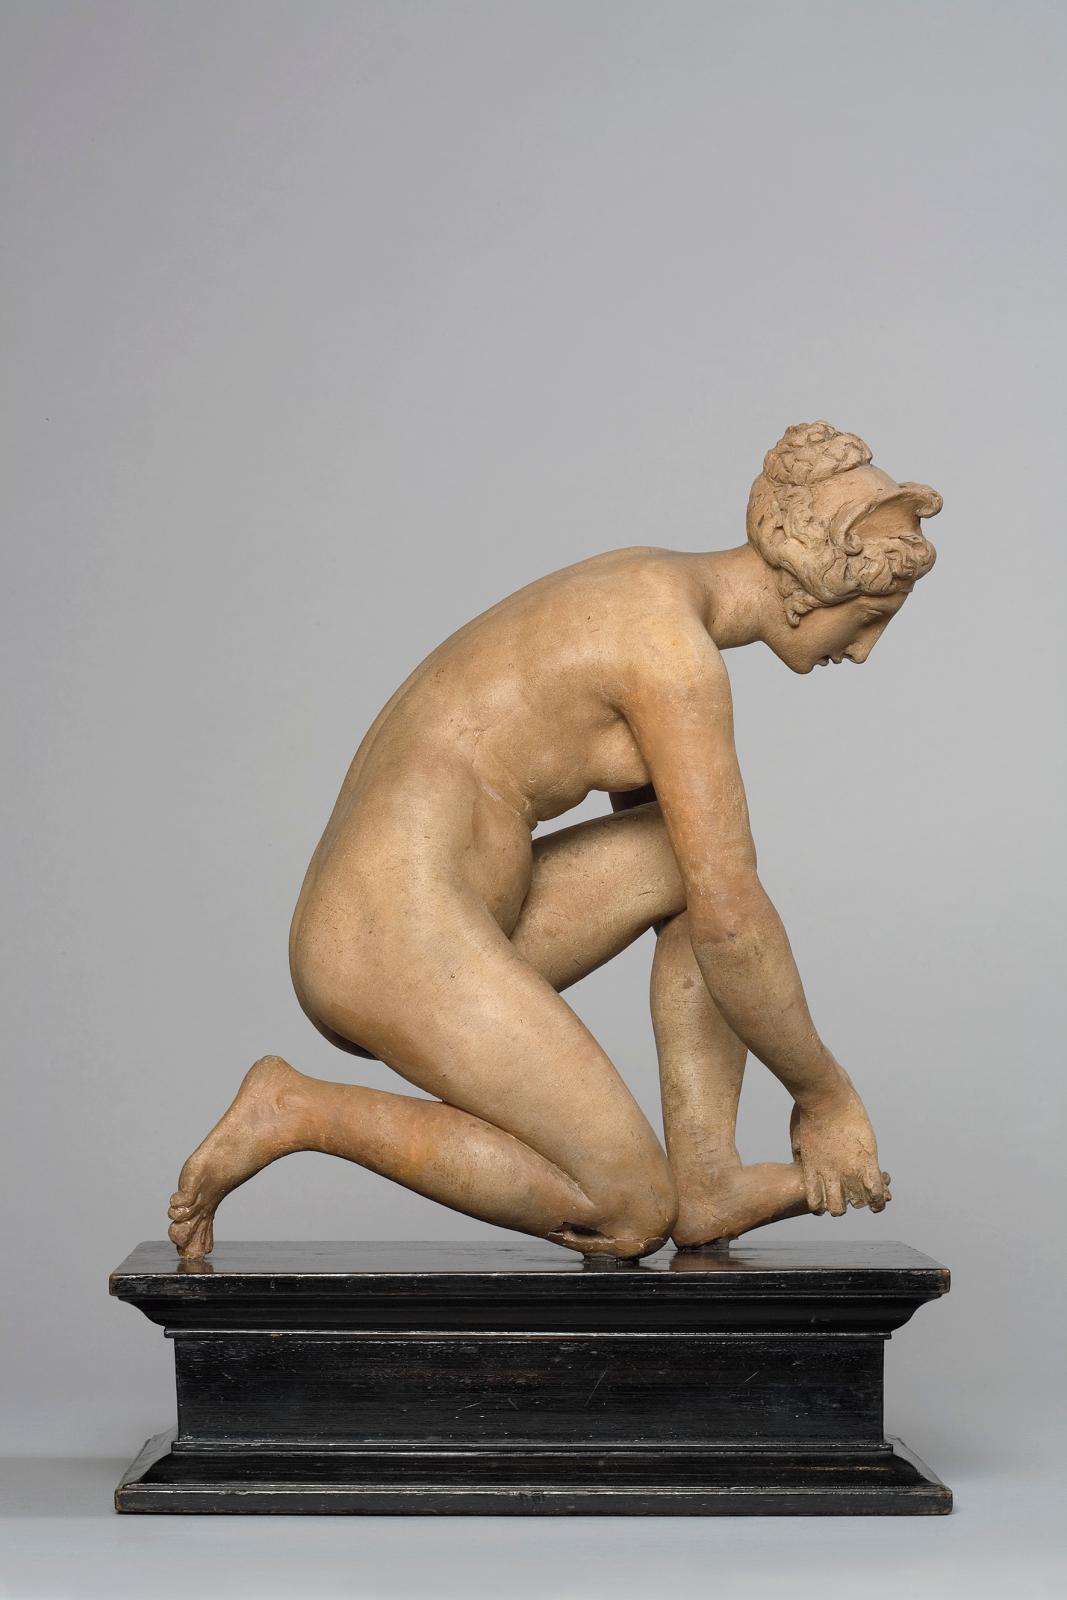 Ponce Jaquio ou Jacquiot, La Tireuse d'épine, terre cuite, 26 x 22 x 14 cm, modèle destiné à l'exécution d'un bronze conservé au Victoria